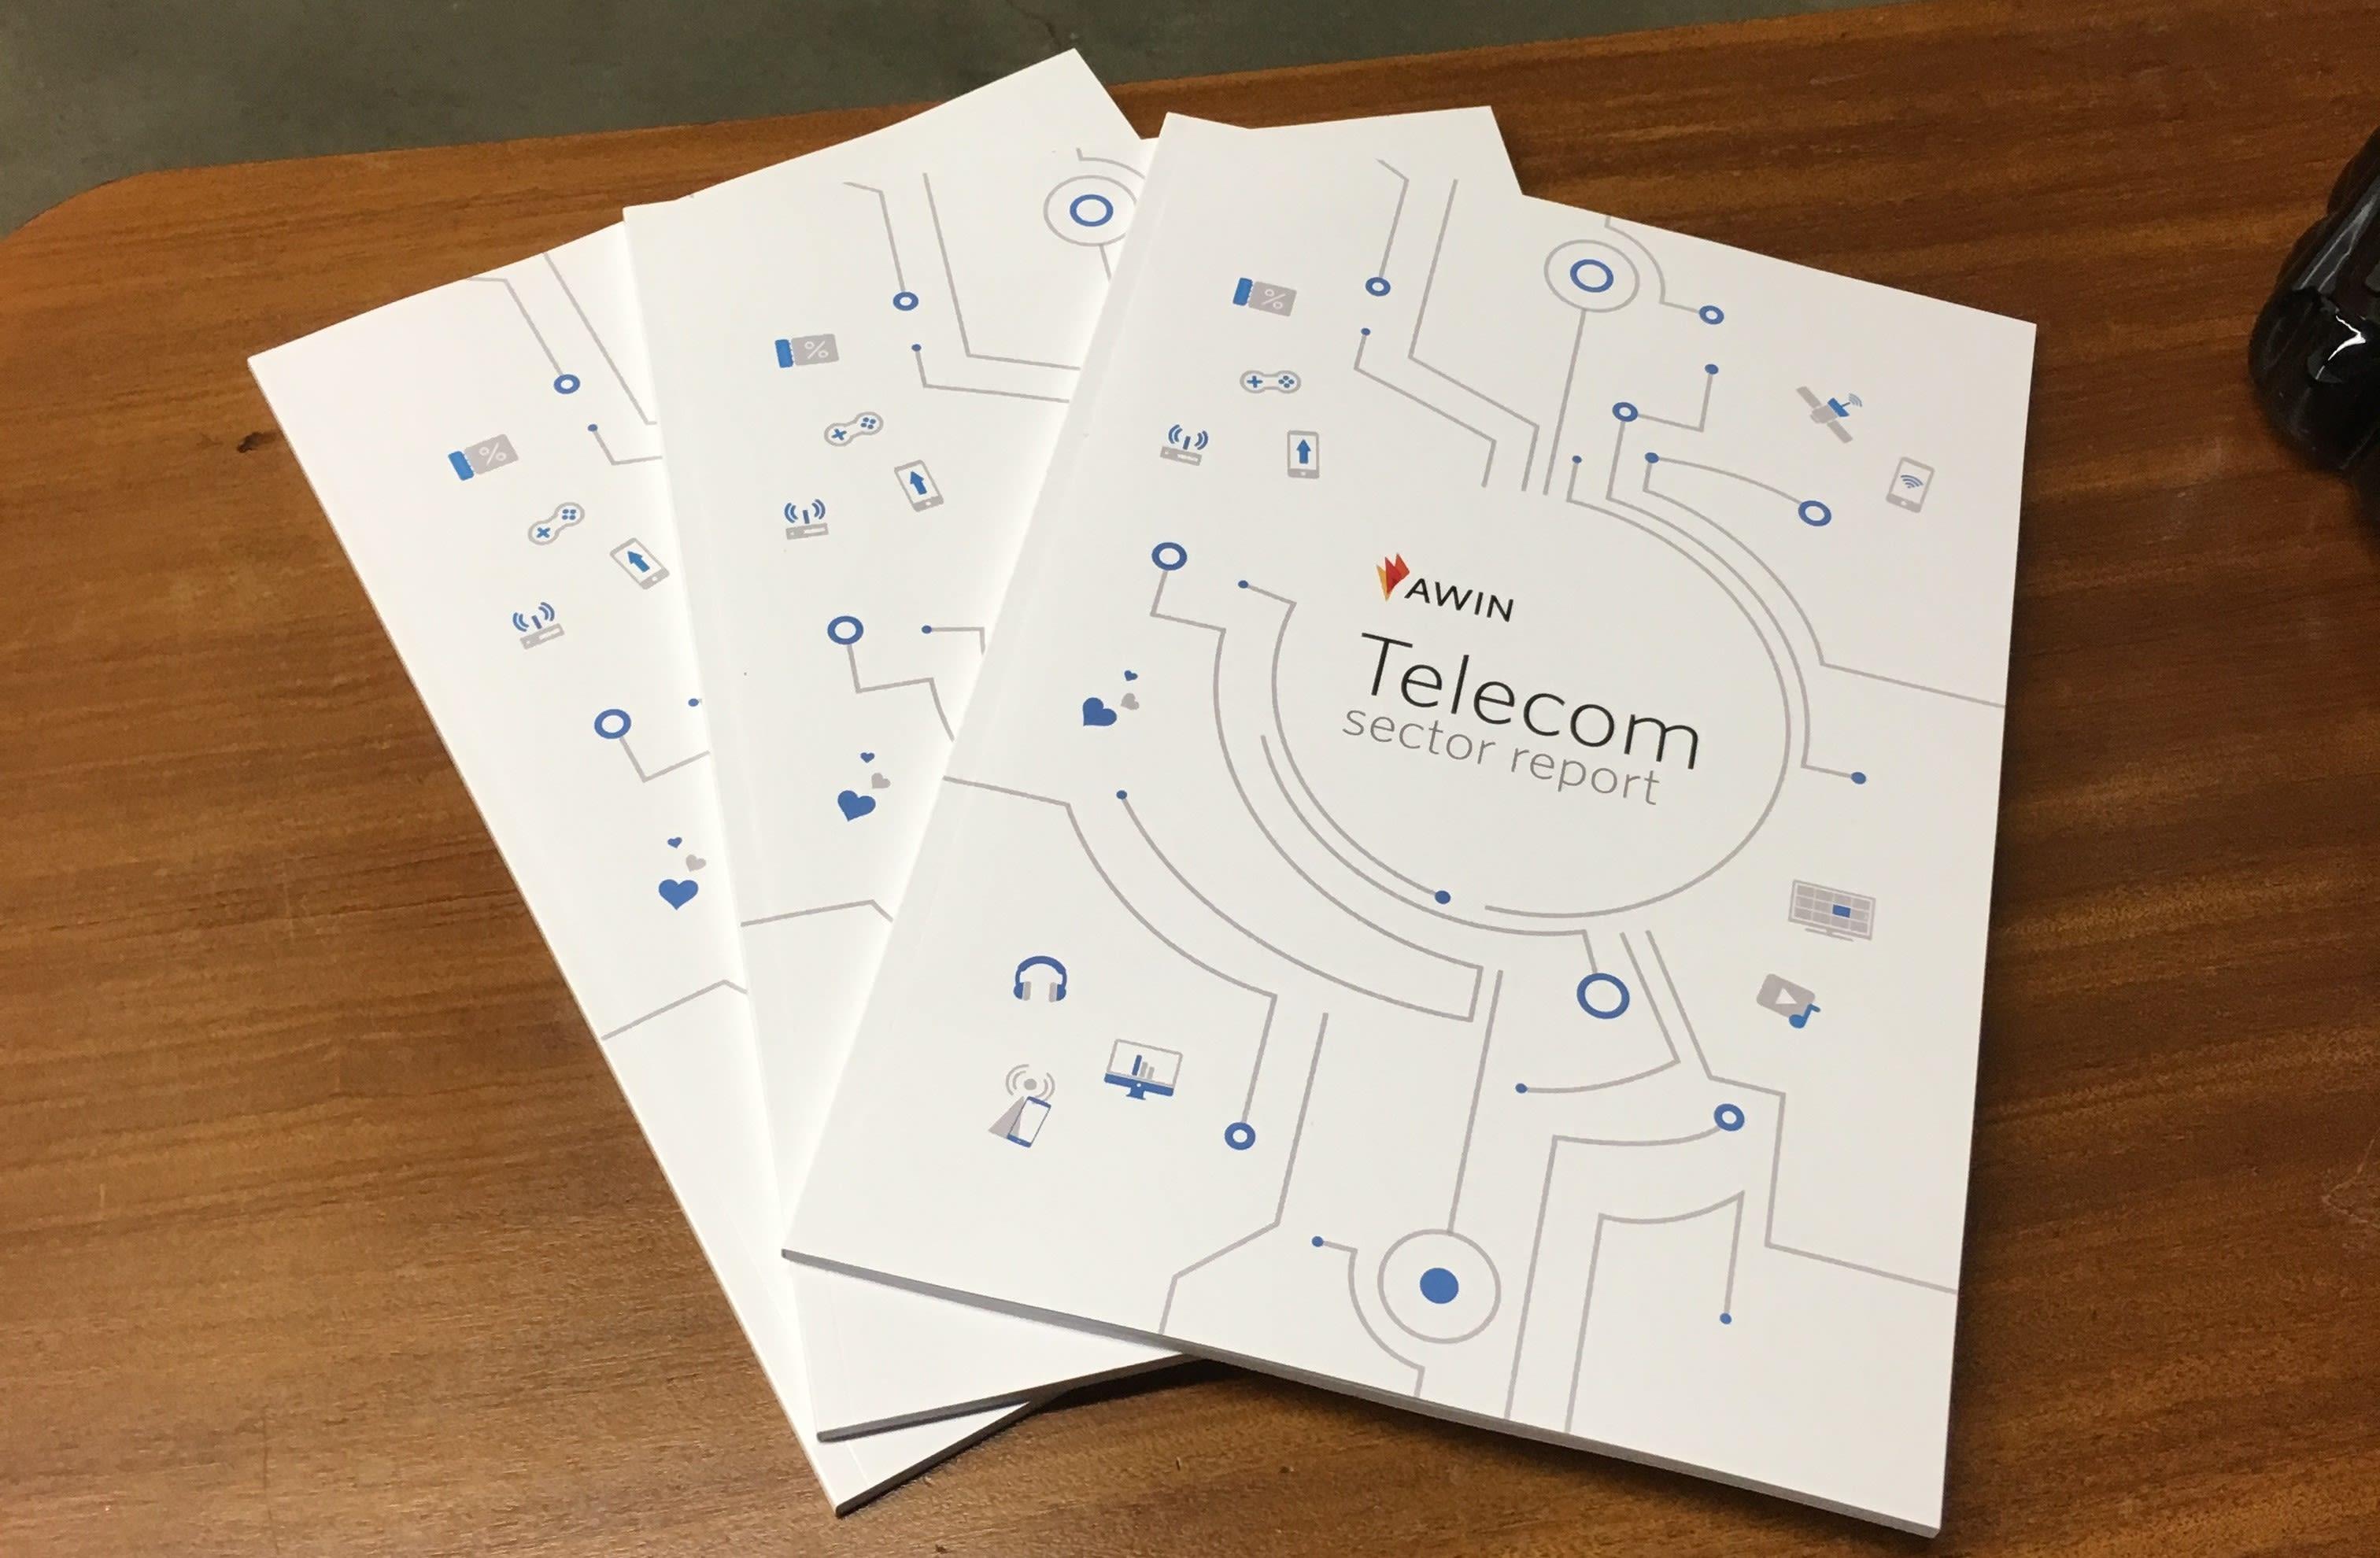 Awin Telecom Sector Report 2018